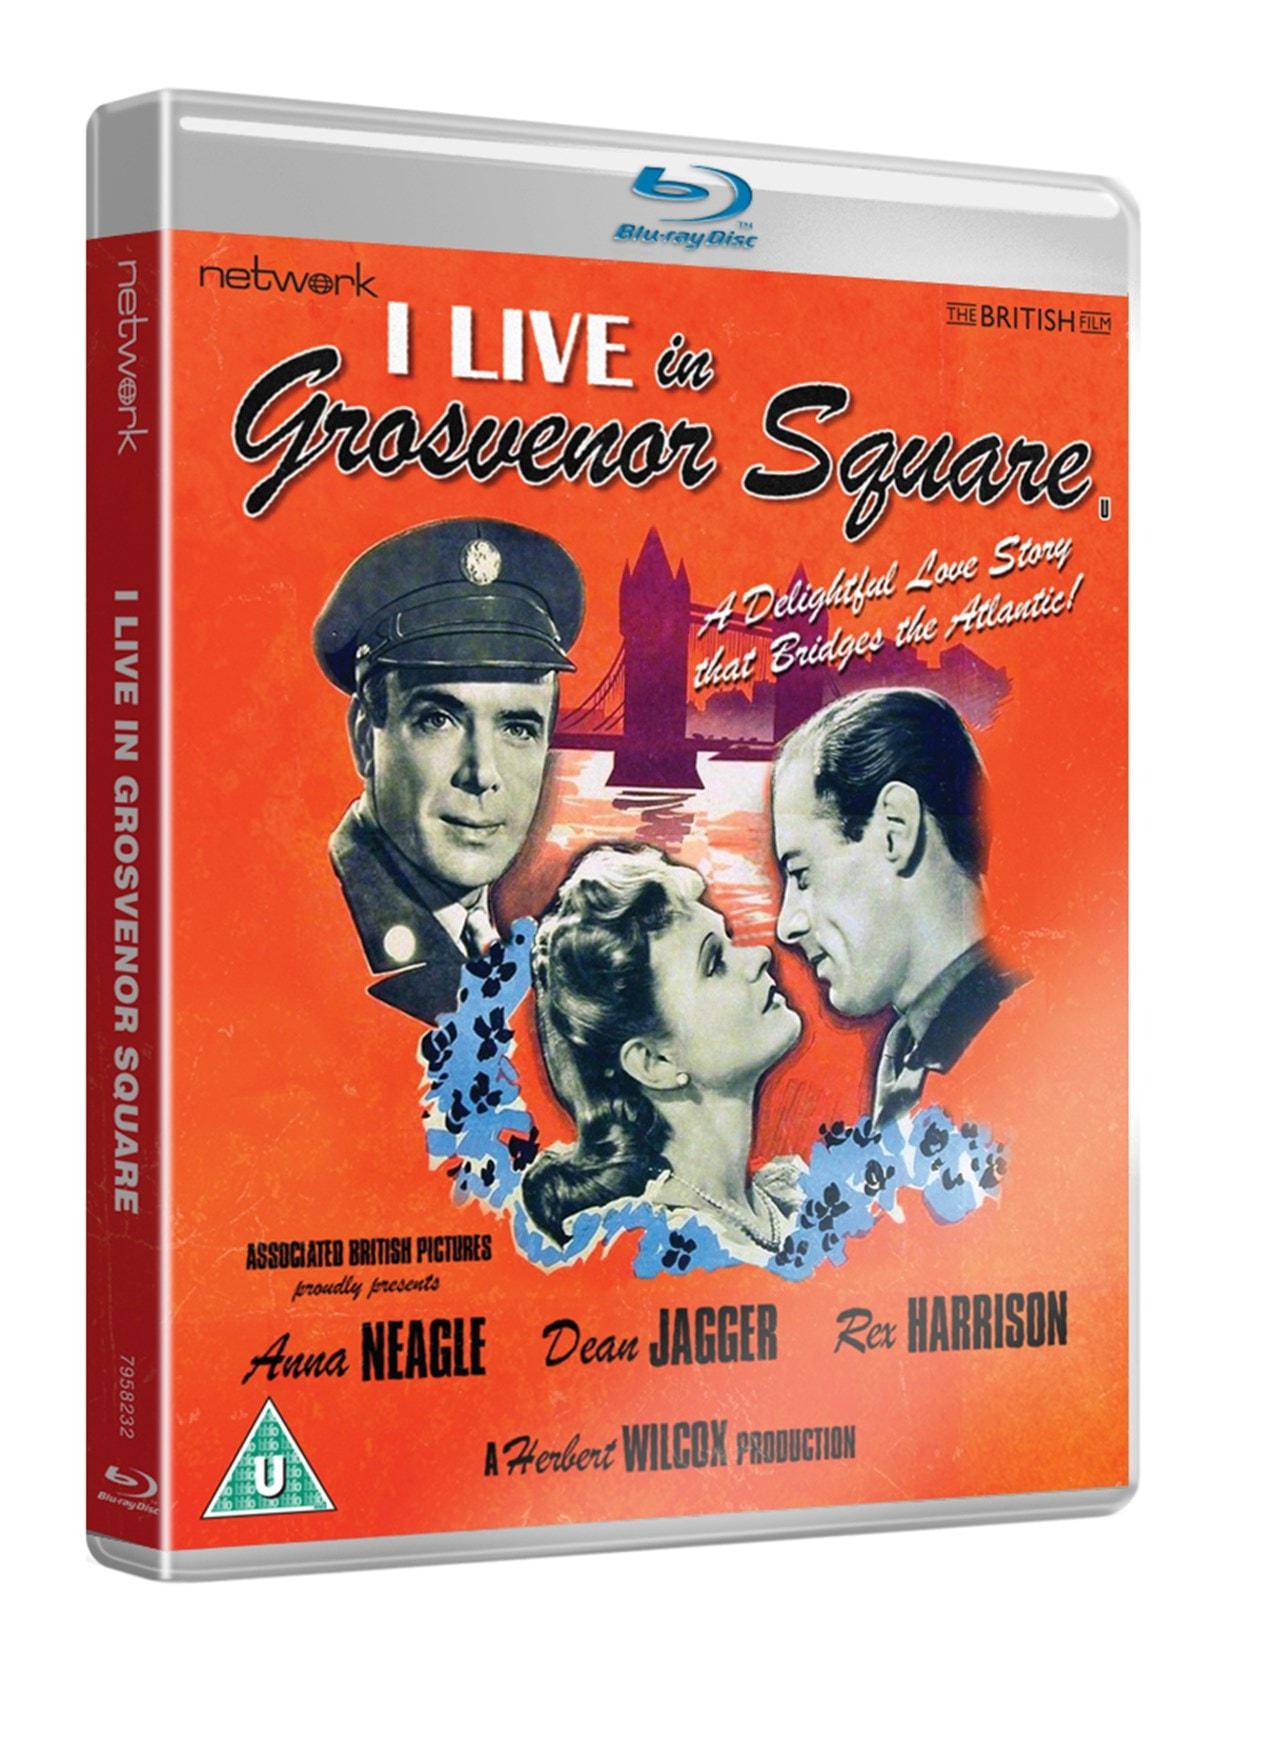 I Live in Grosvenor Square - 2